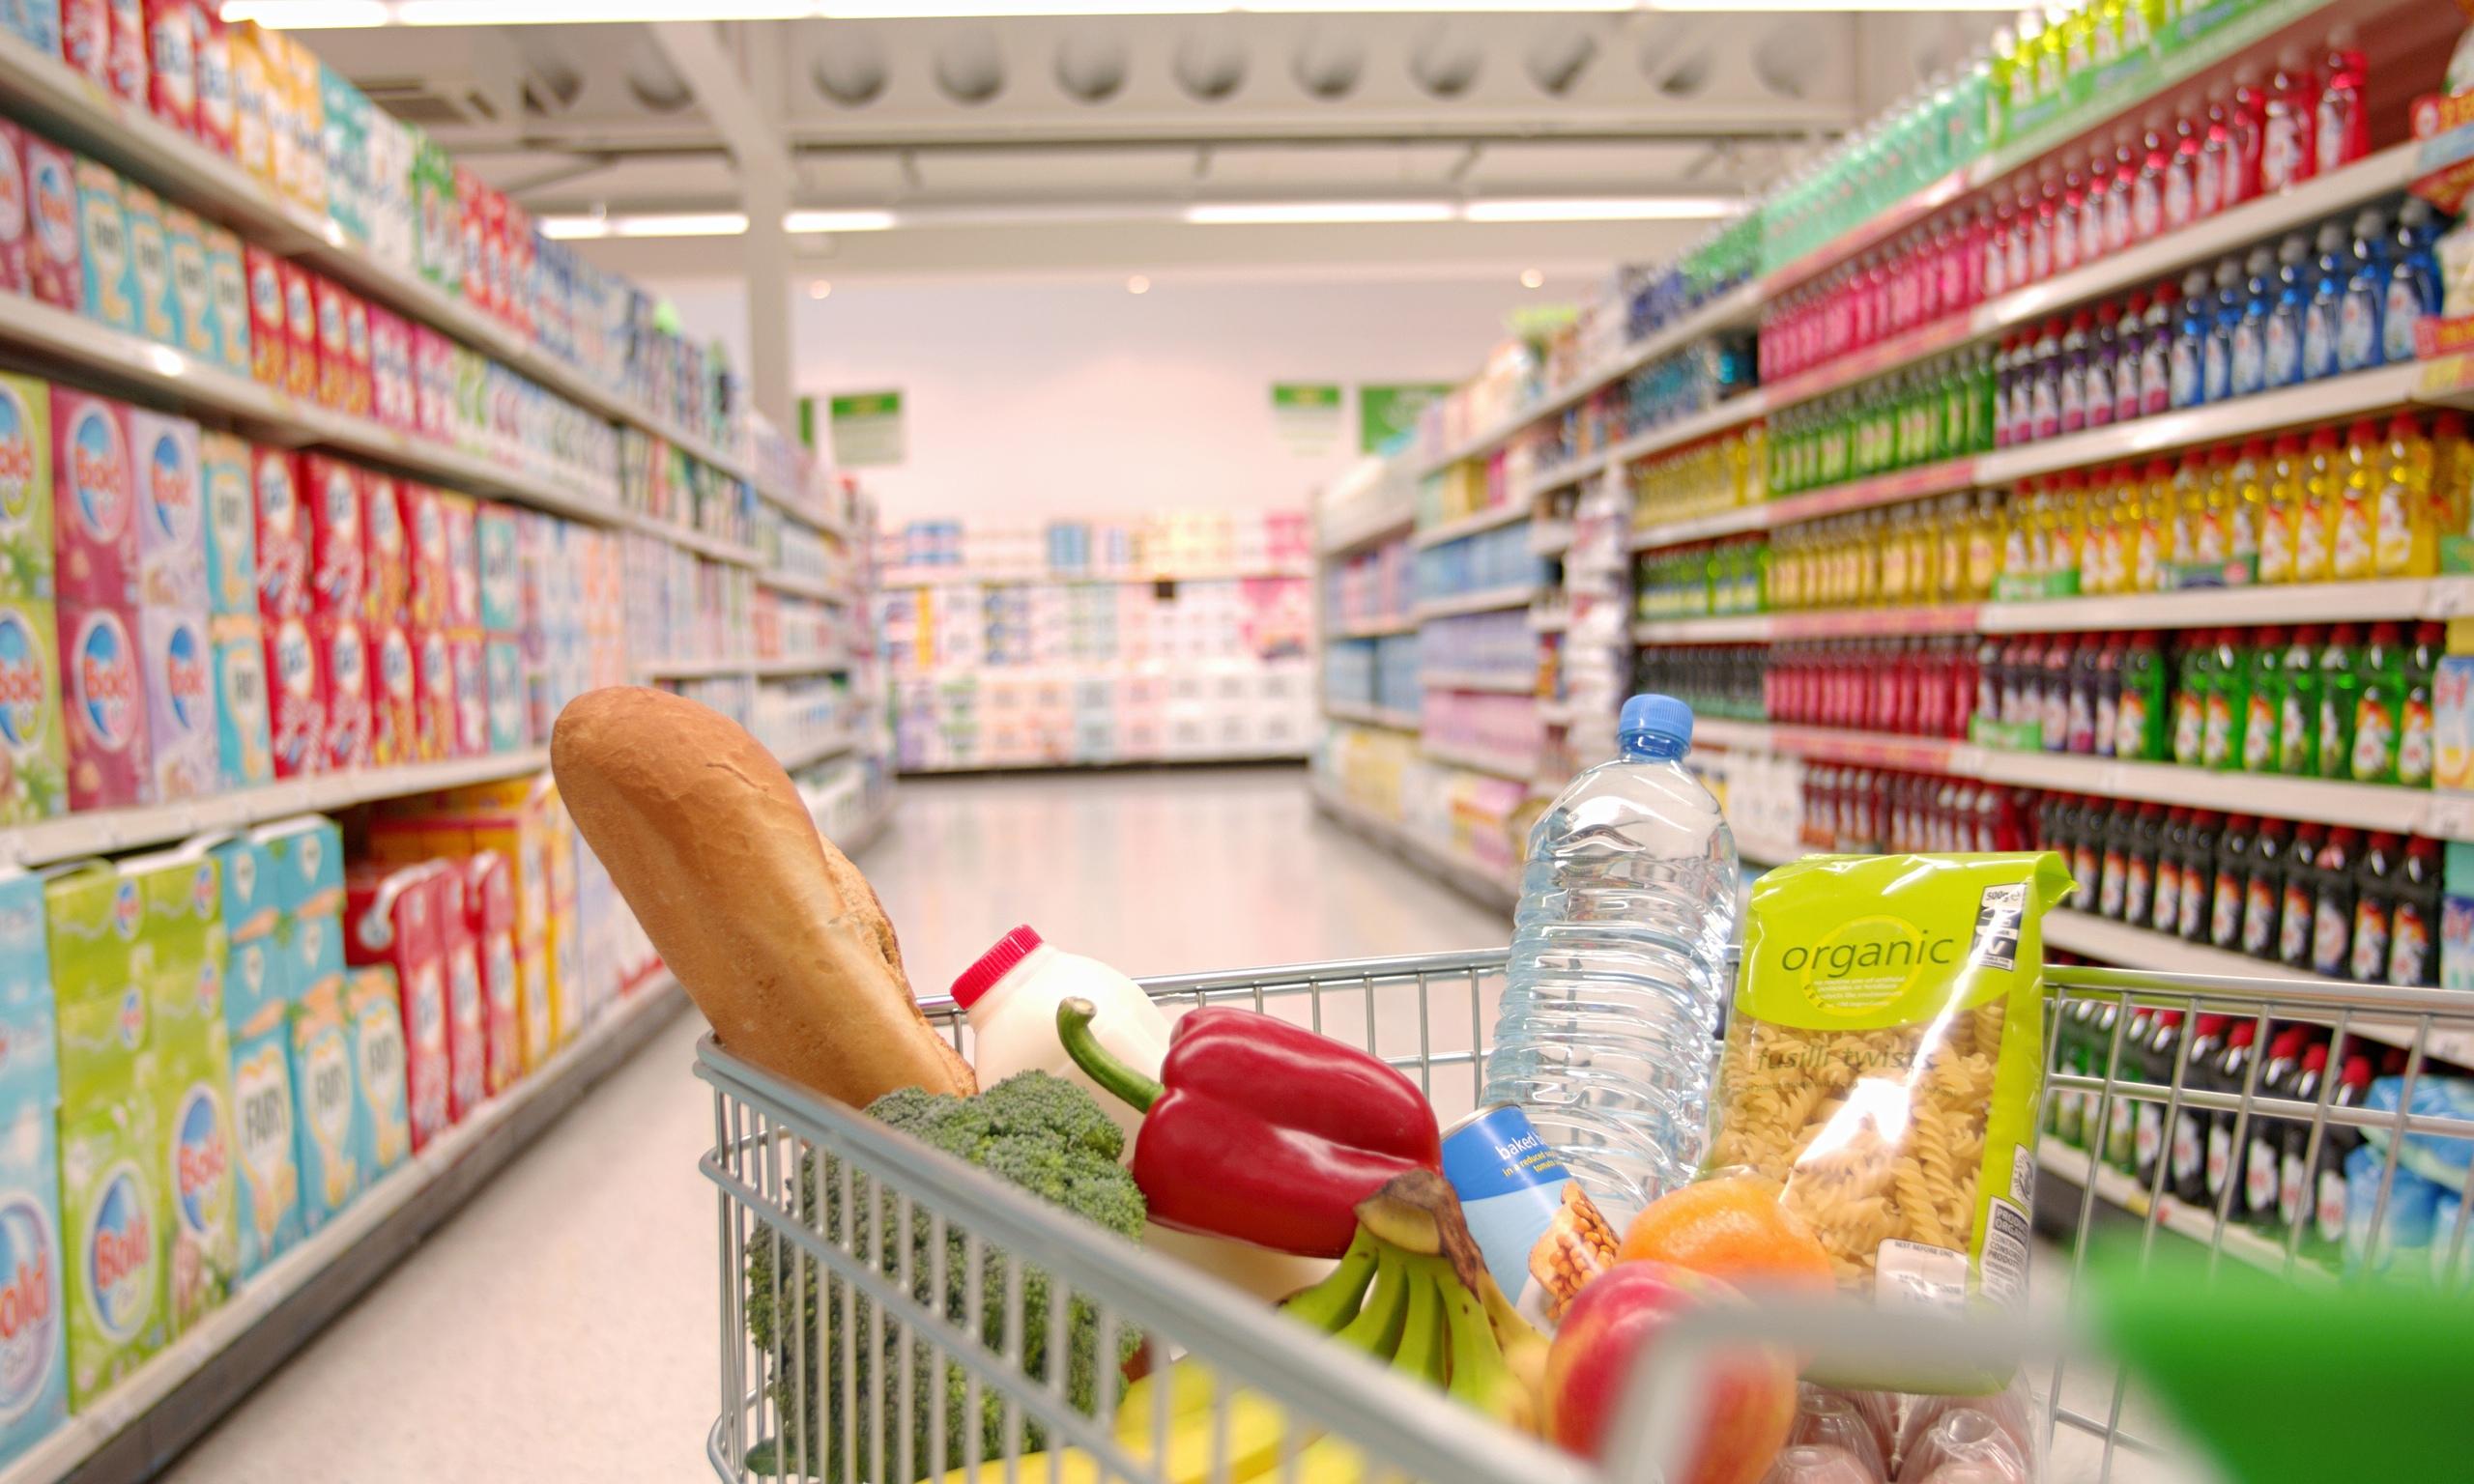 法国超市大盘点,居然还有这些中国超市可攻略?干货不容错过!